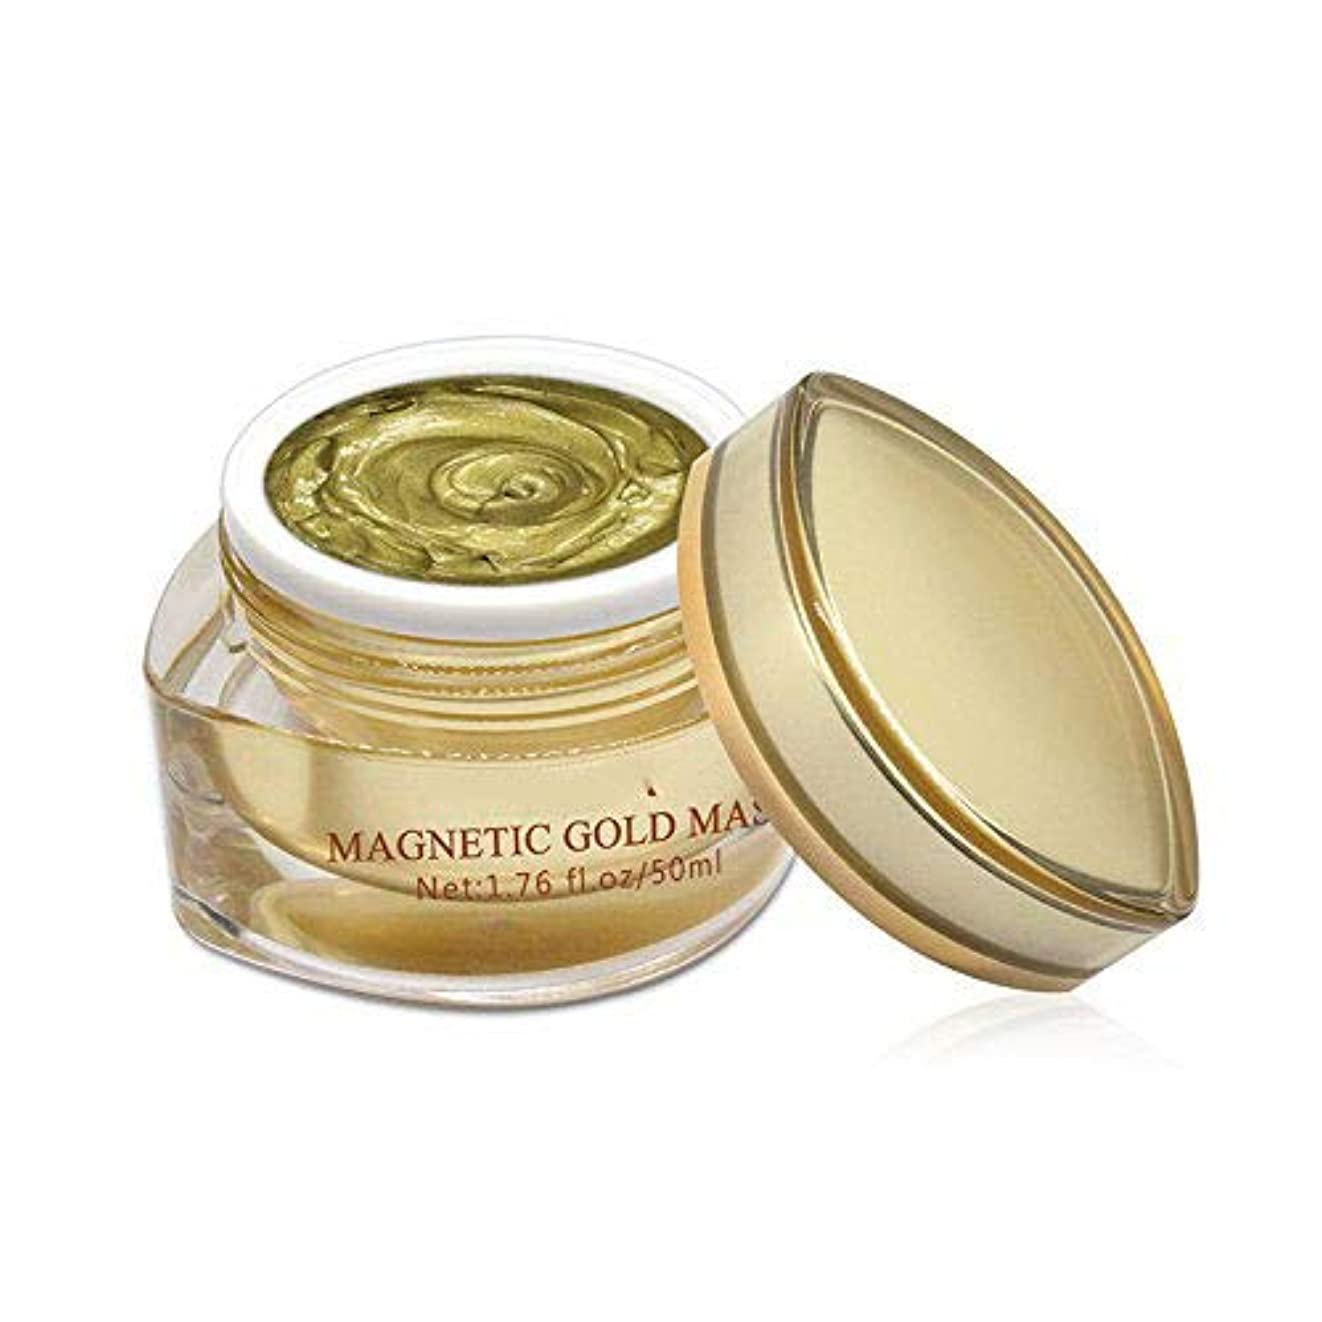 おばあさん葡萄指紋マスククリーム マグネットマスクゴールドシャイン磁気フェイスマスクミネラルリッチアンチストレスモイスチャライジングアンチエイジングポアクレンジング50 ml